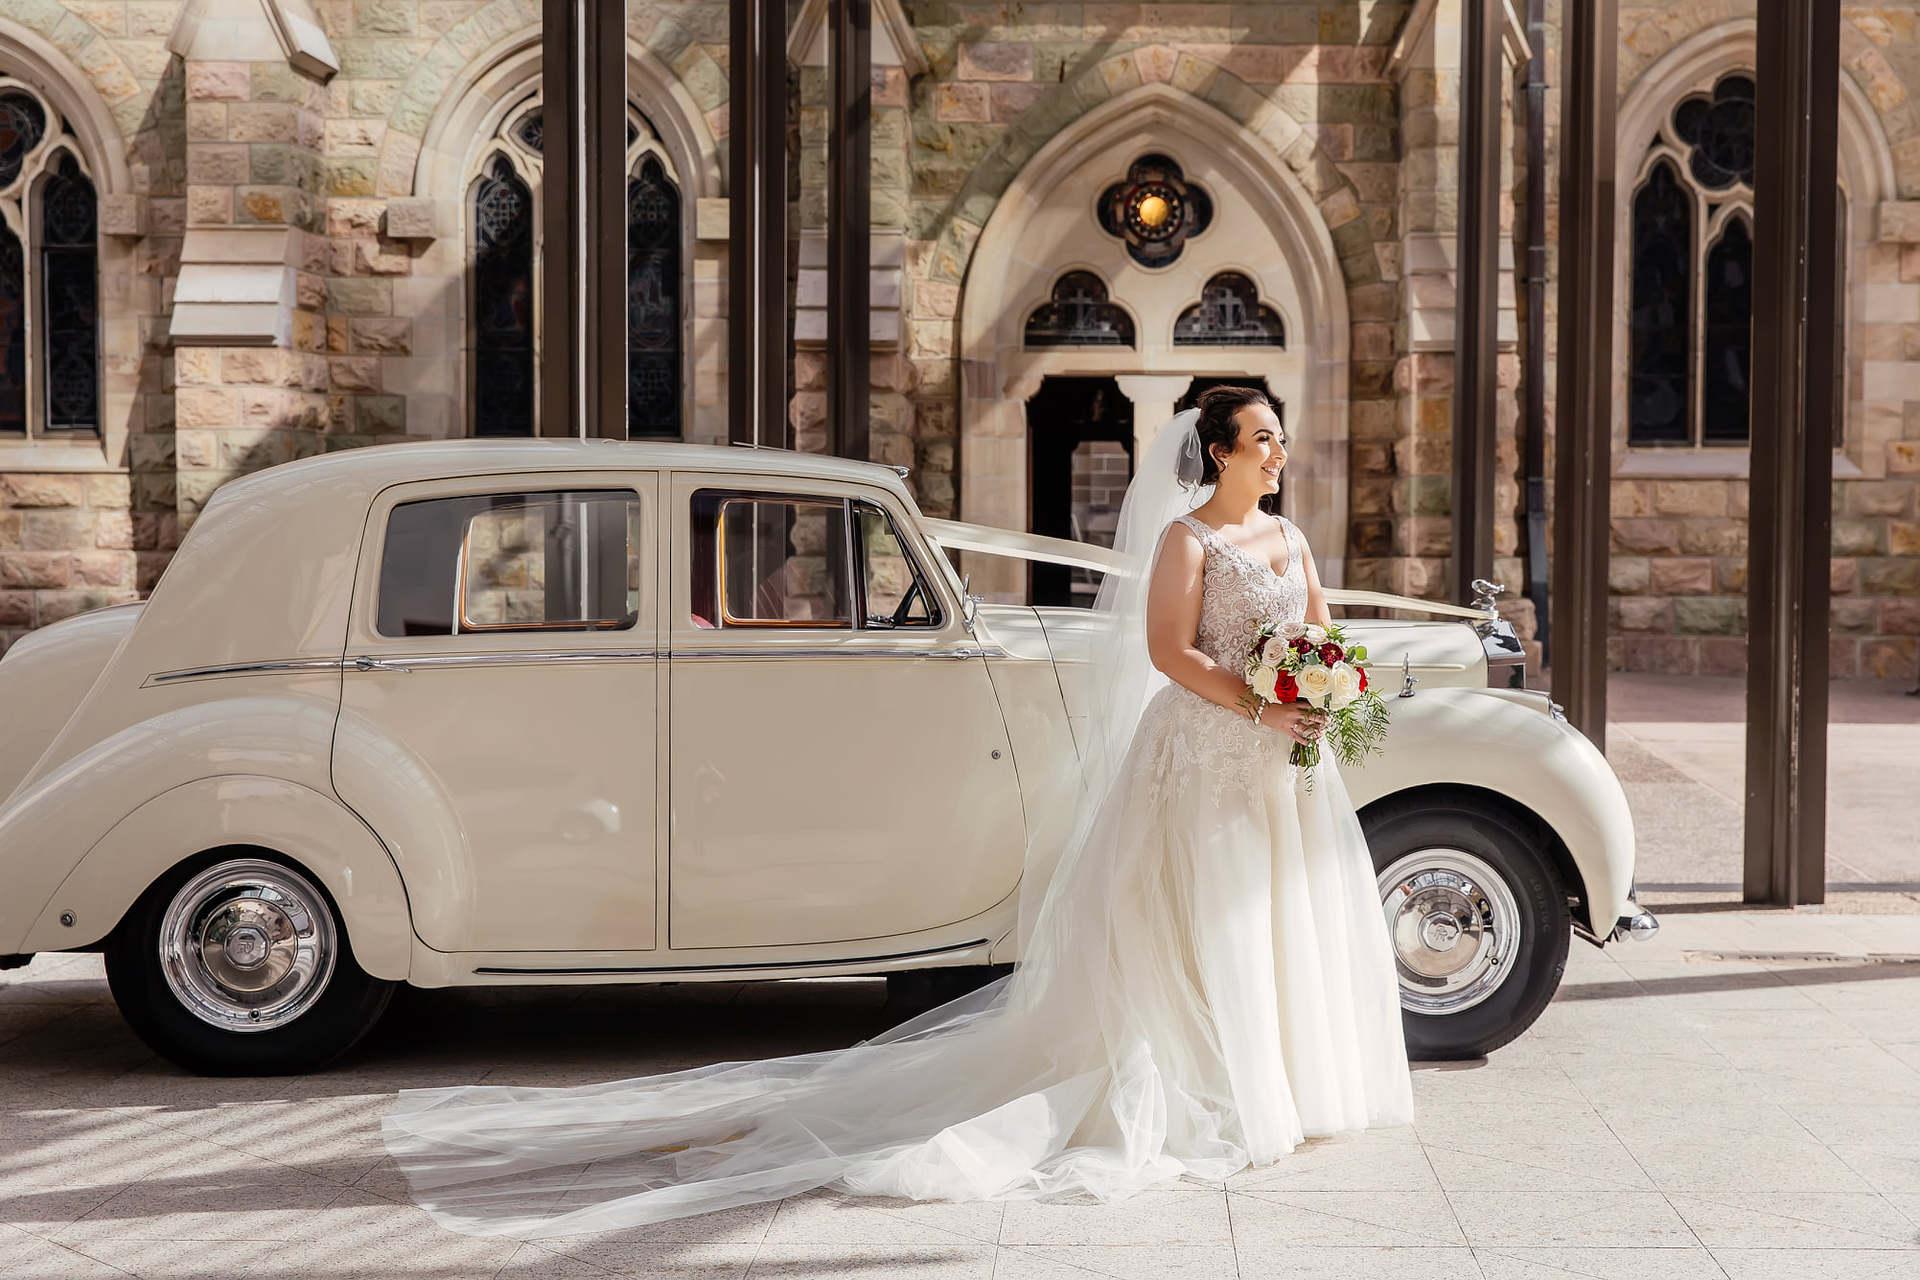 Rolls Royce Vintage Wedding Car Hire Brisbane